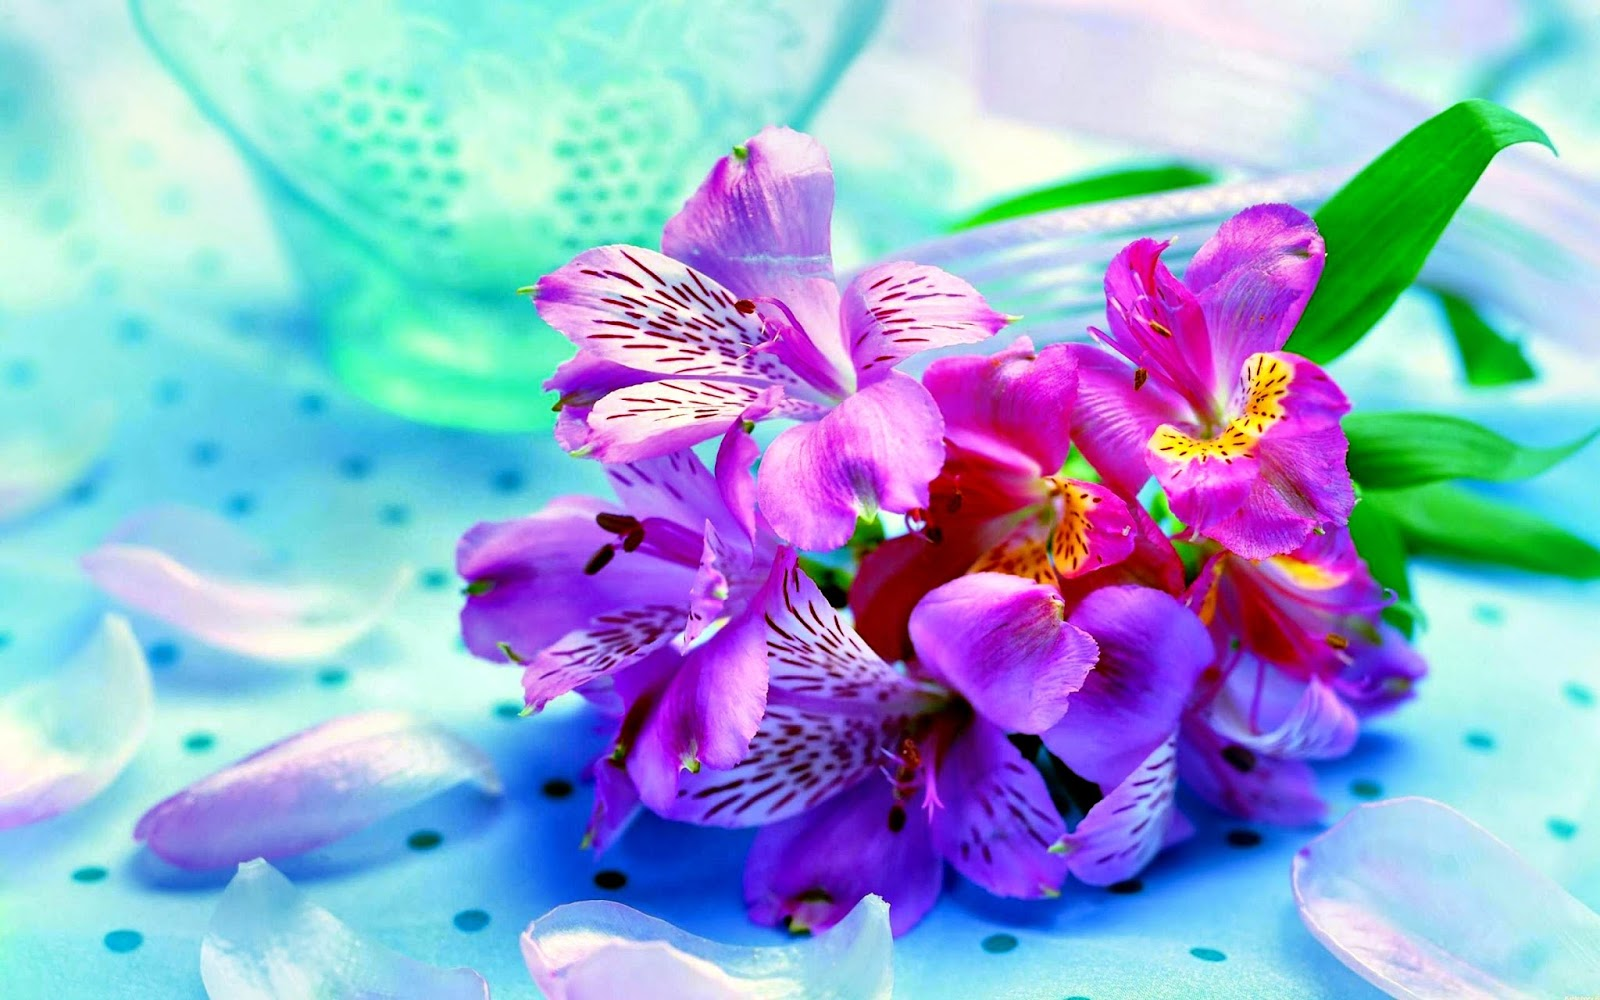 Download Wallpaper Gambar Bunga Cantik HD